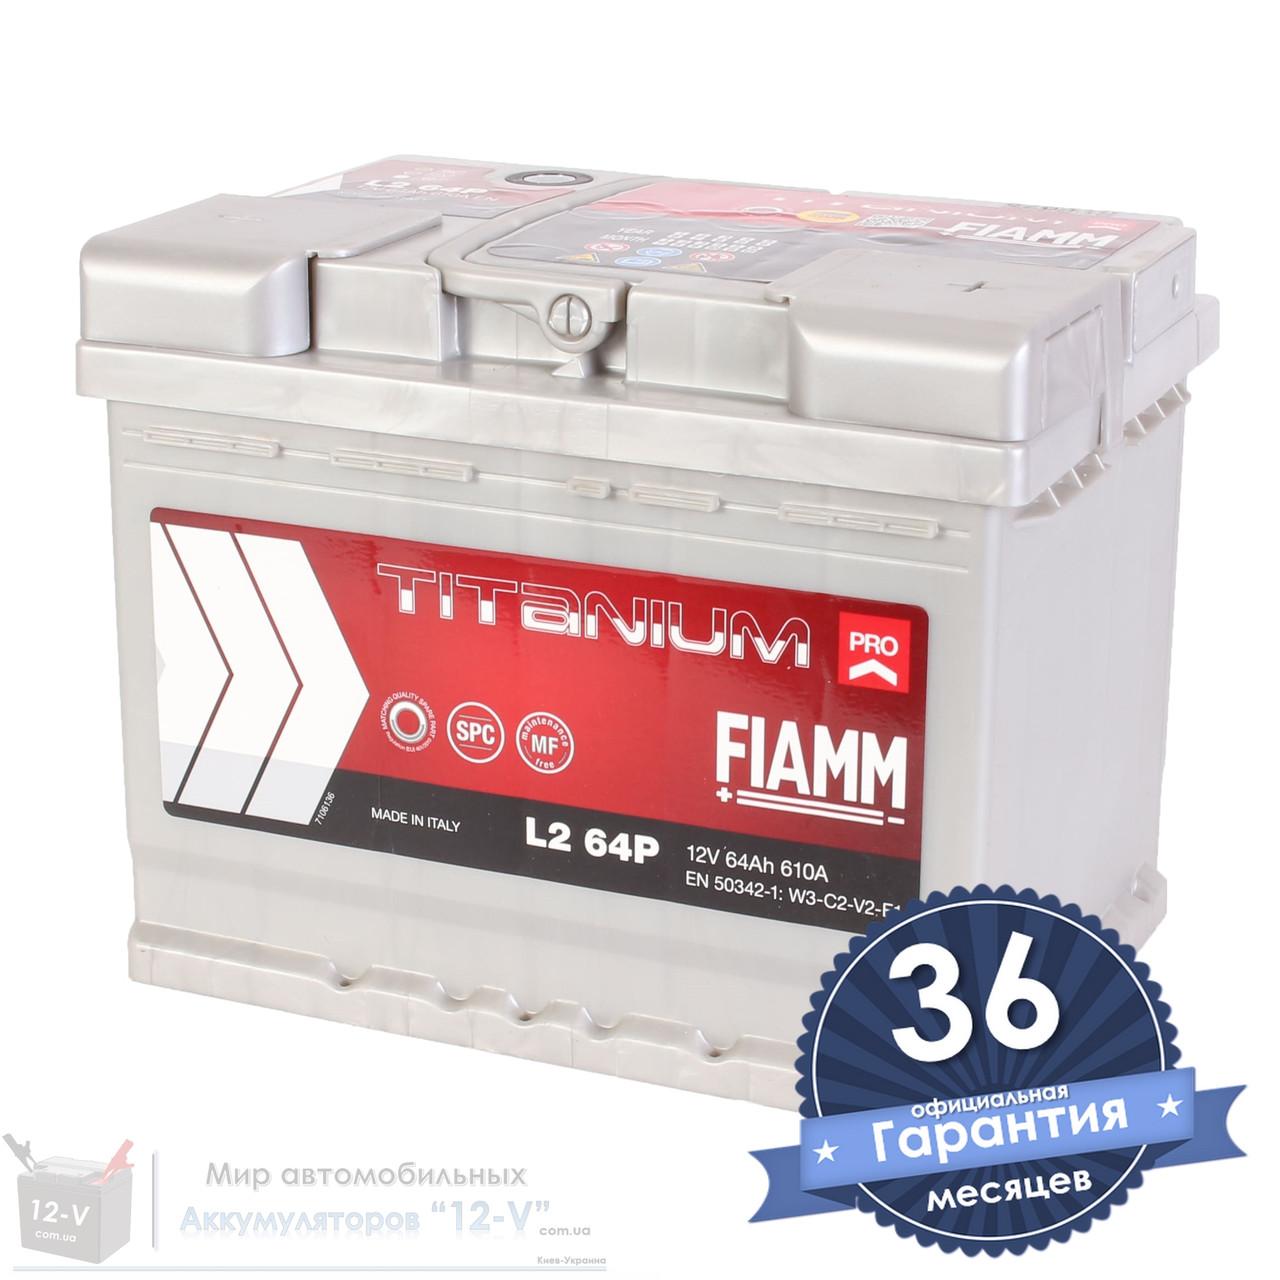 Аккумулятор автомобильный FIAMM Titanium Pro 6CT 64Ah, пусковой ток 610А [–|+] (L2 64P)